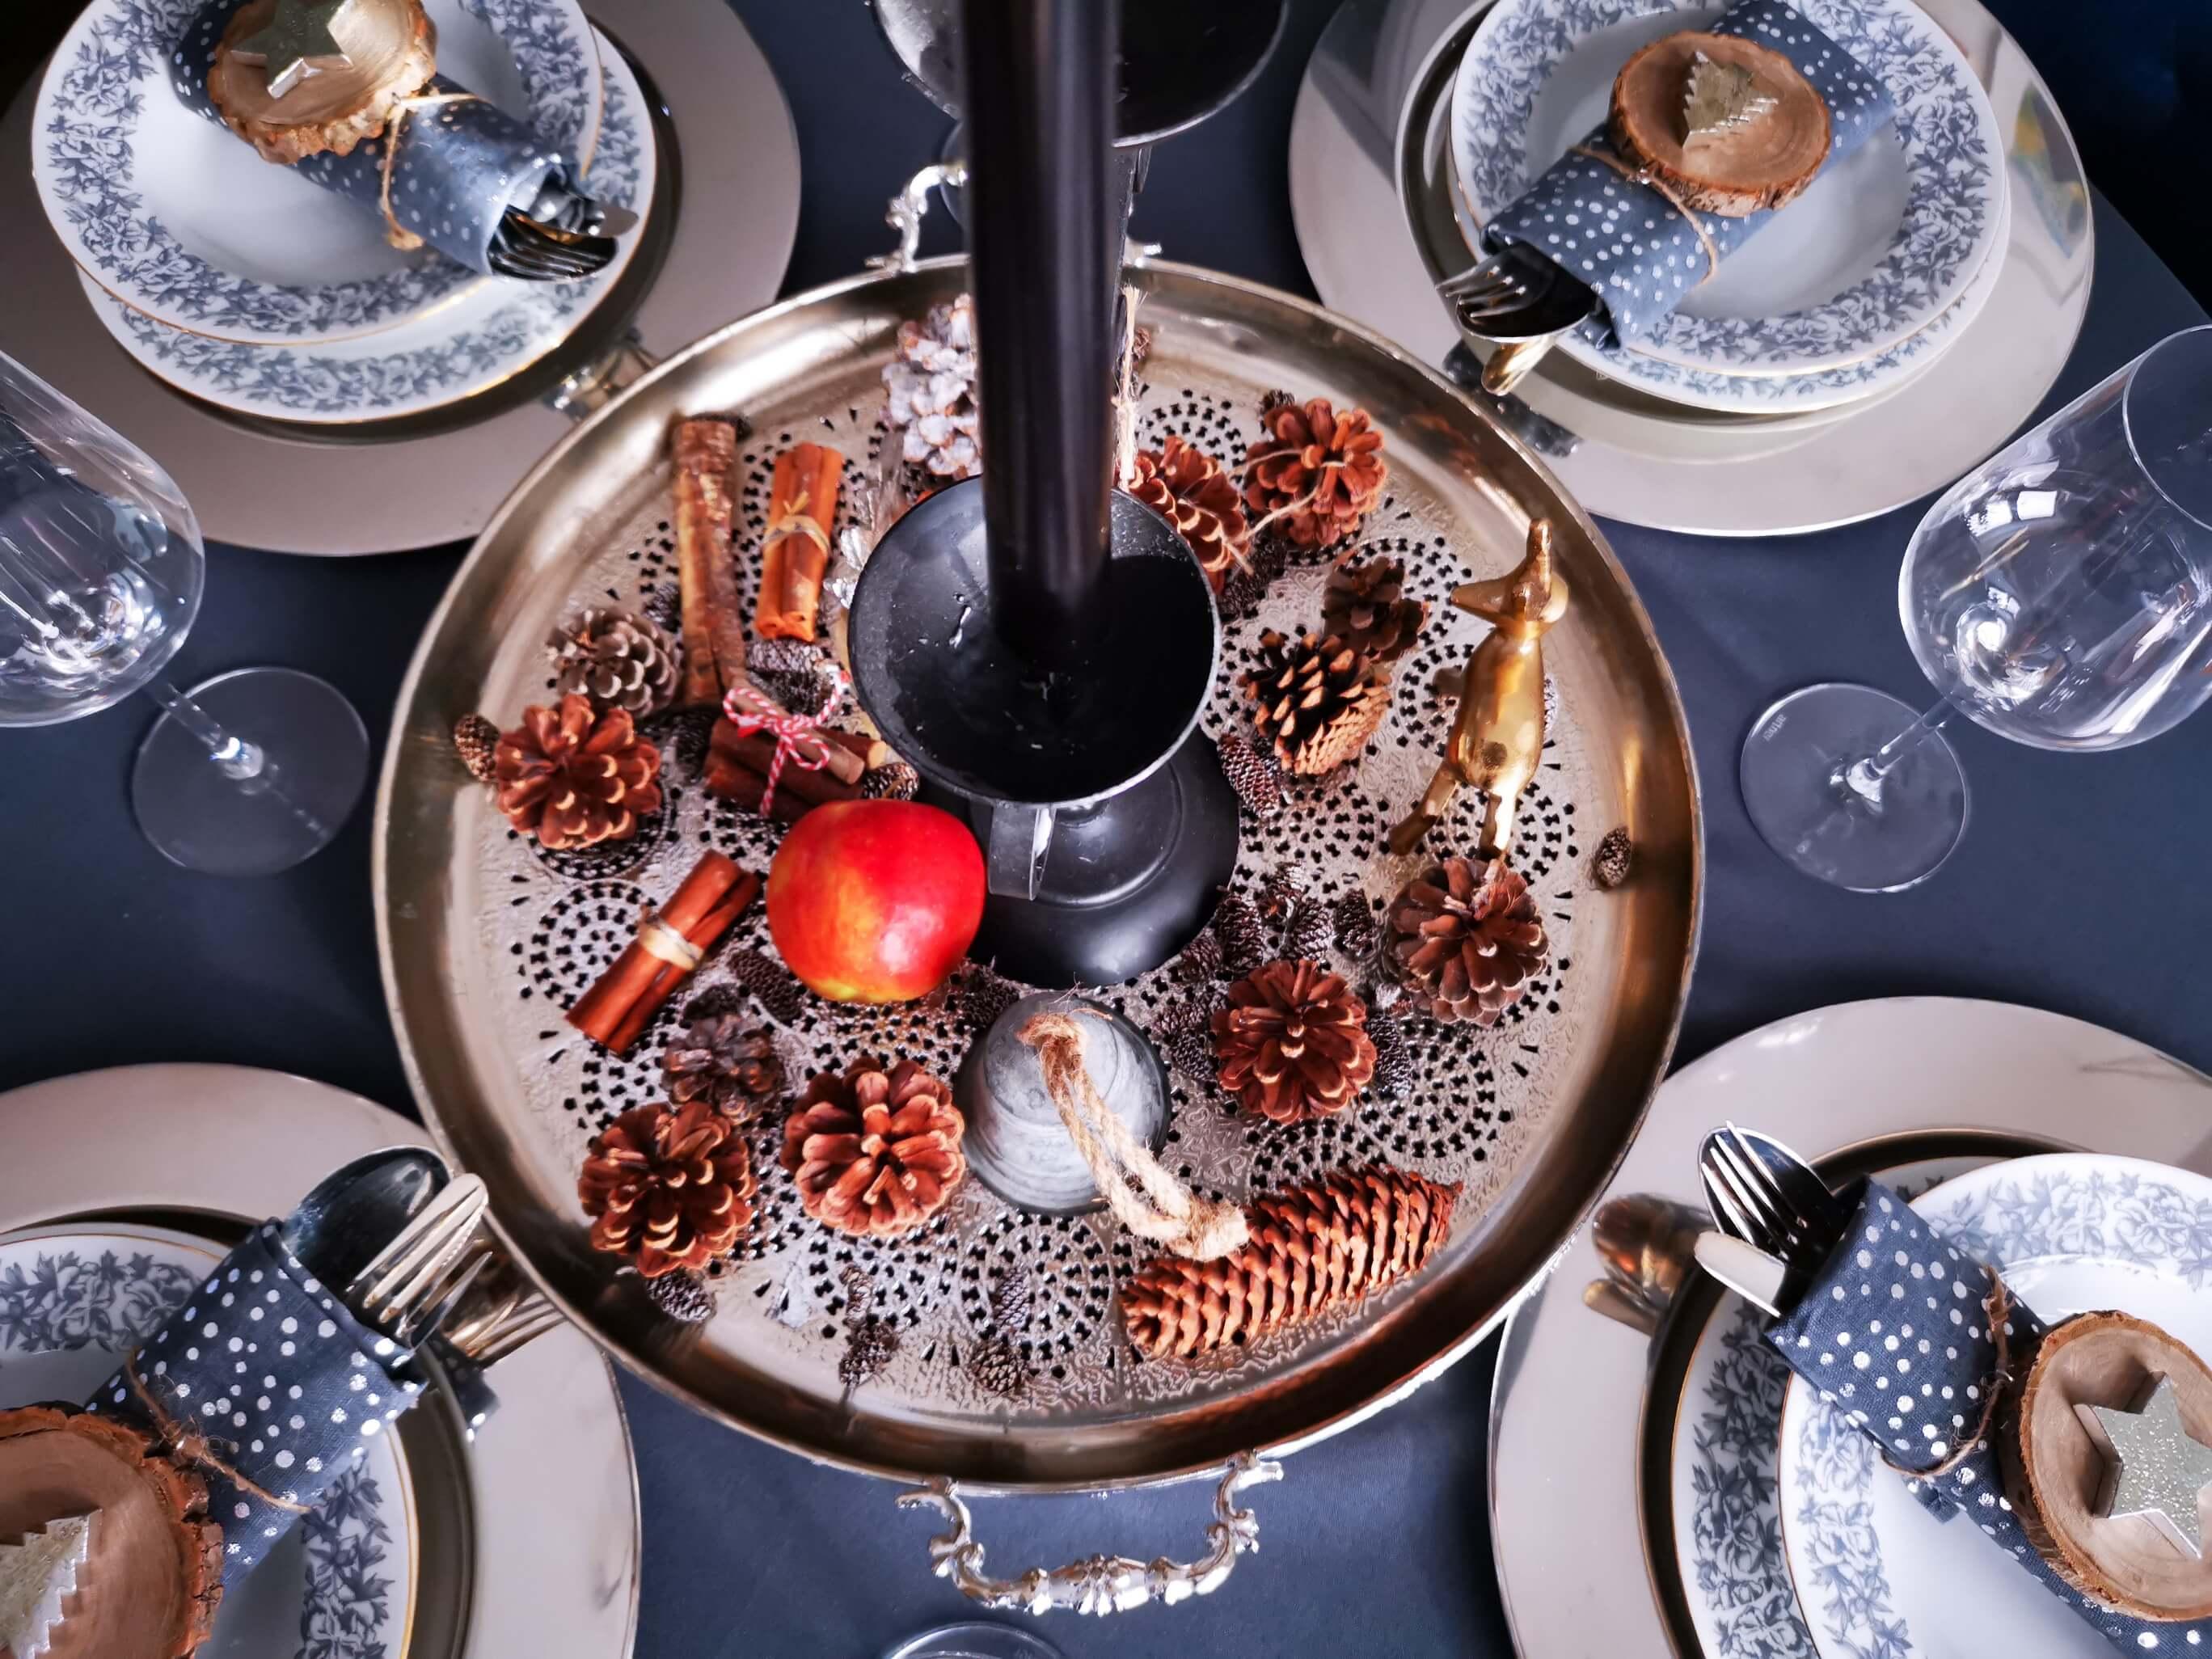 IMG 20191201 133353 resized 20191201 082916722 - Inšpirácia na krásne vyzdobený vianočný stôl